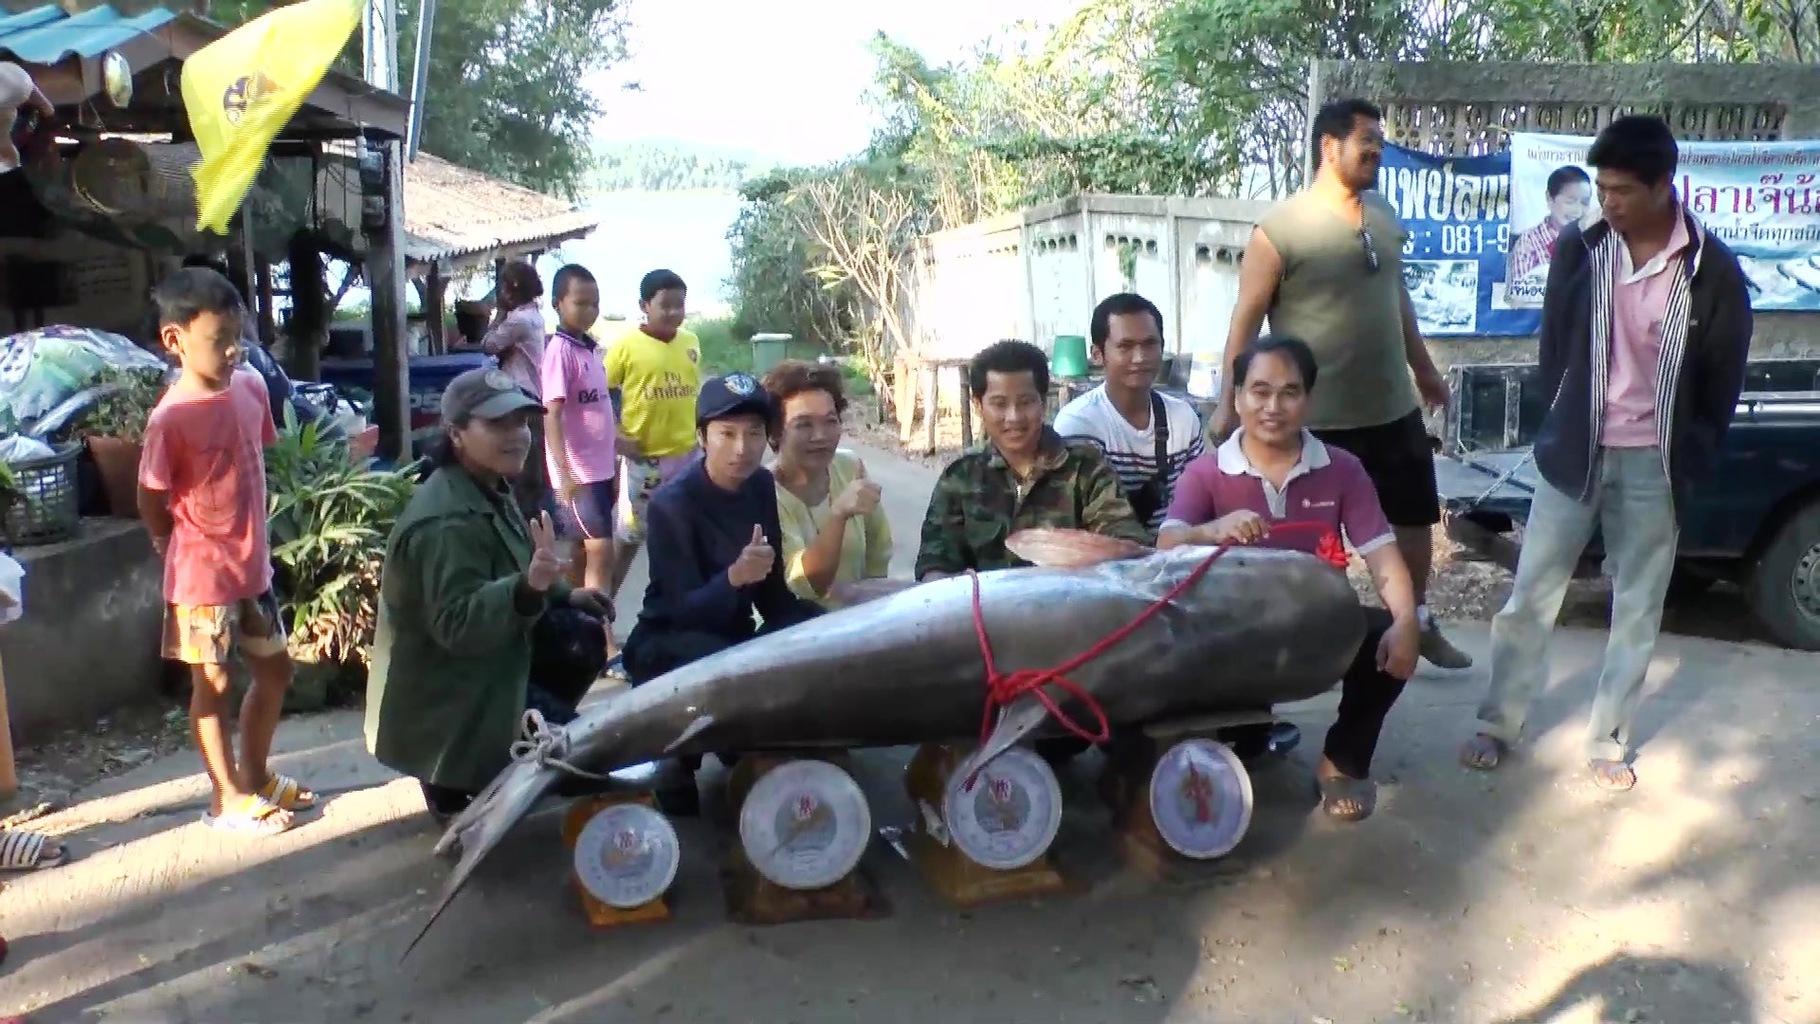 Obří sumec 162 Kg přehrada Kaeng Krachan Thajsko